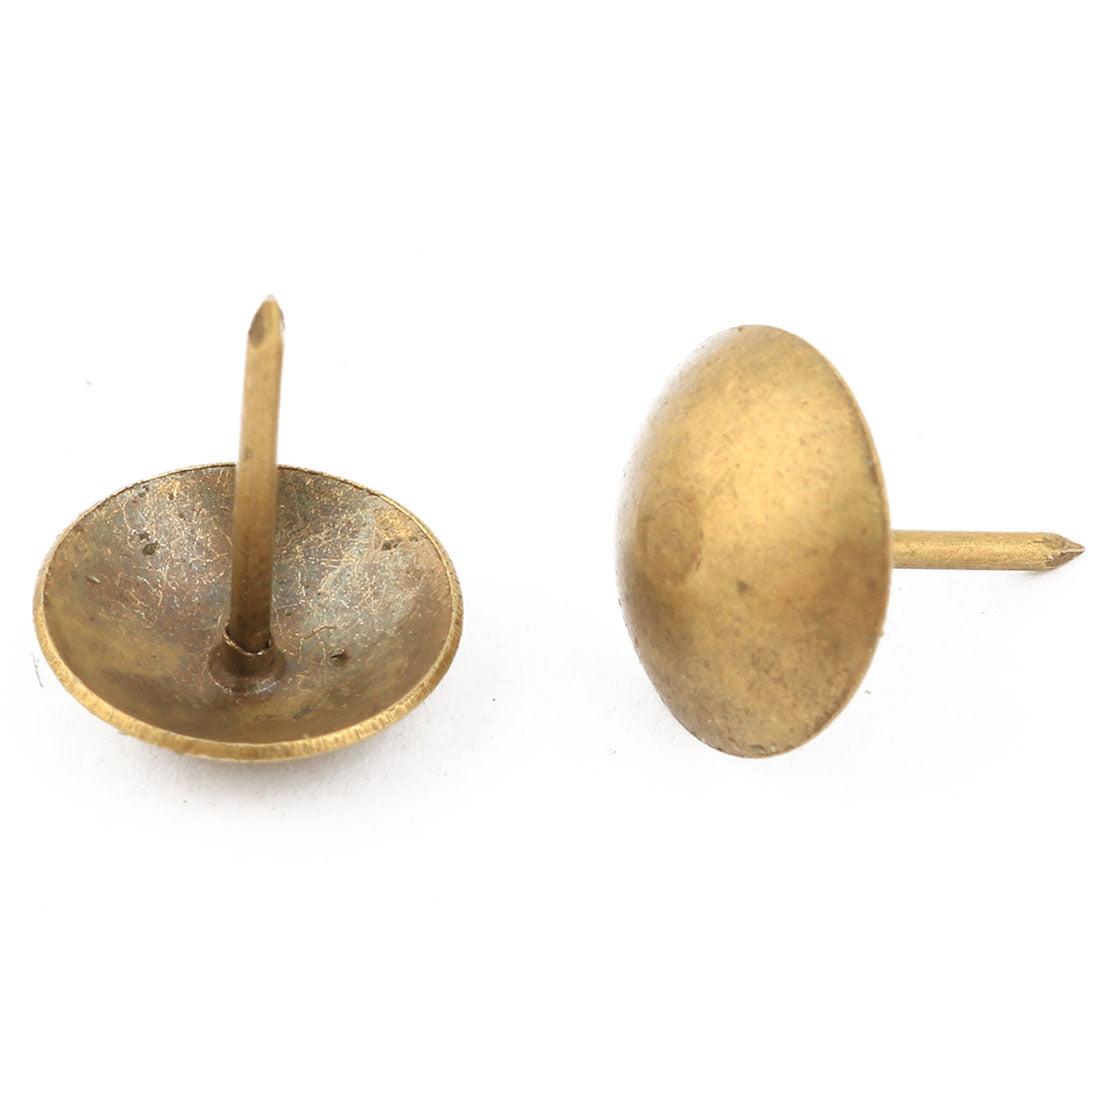 Home  Metal Furniture Tack Nail Text Pushpin Bronze Tone 16 x 13mm 50pcs - image 2 de 3